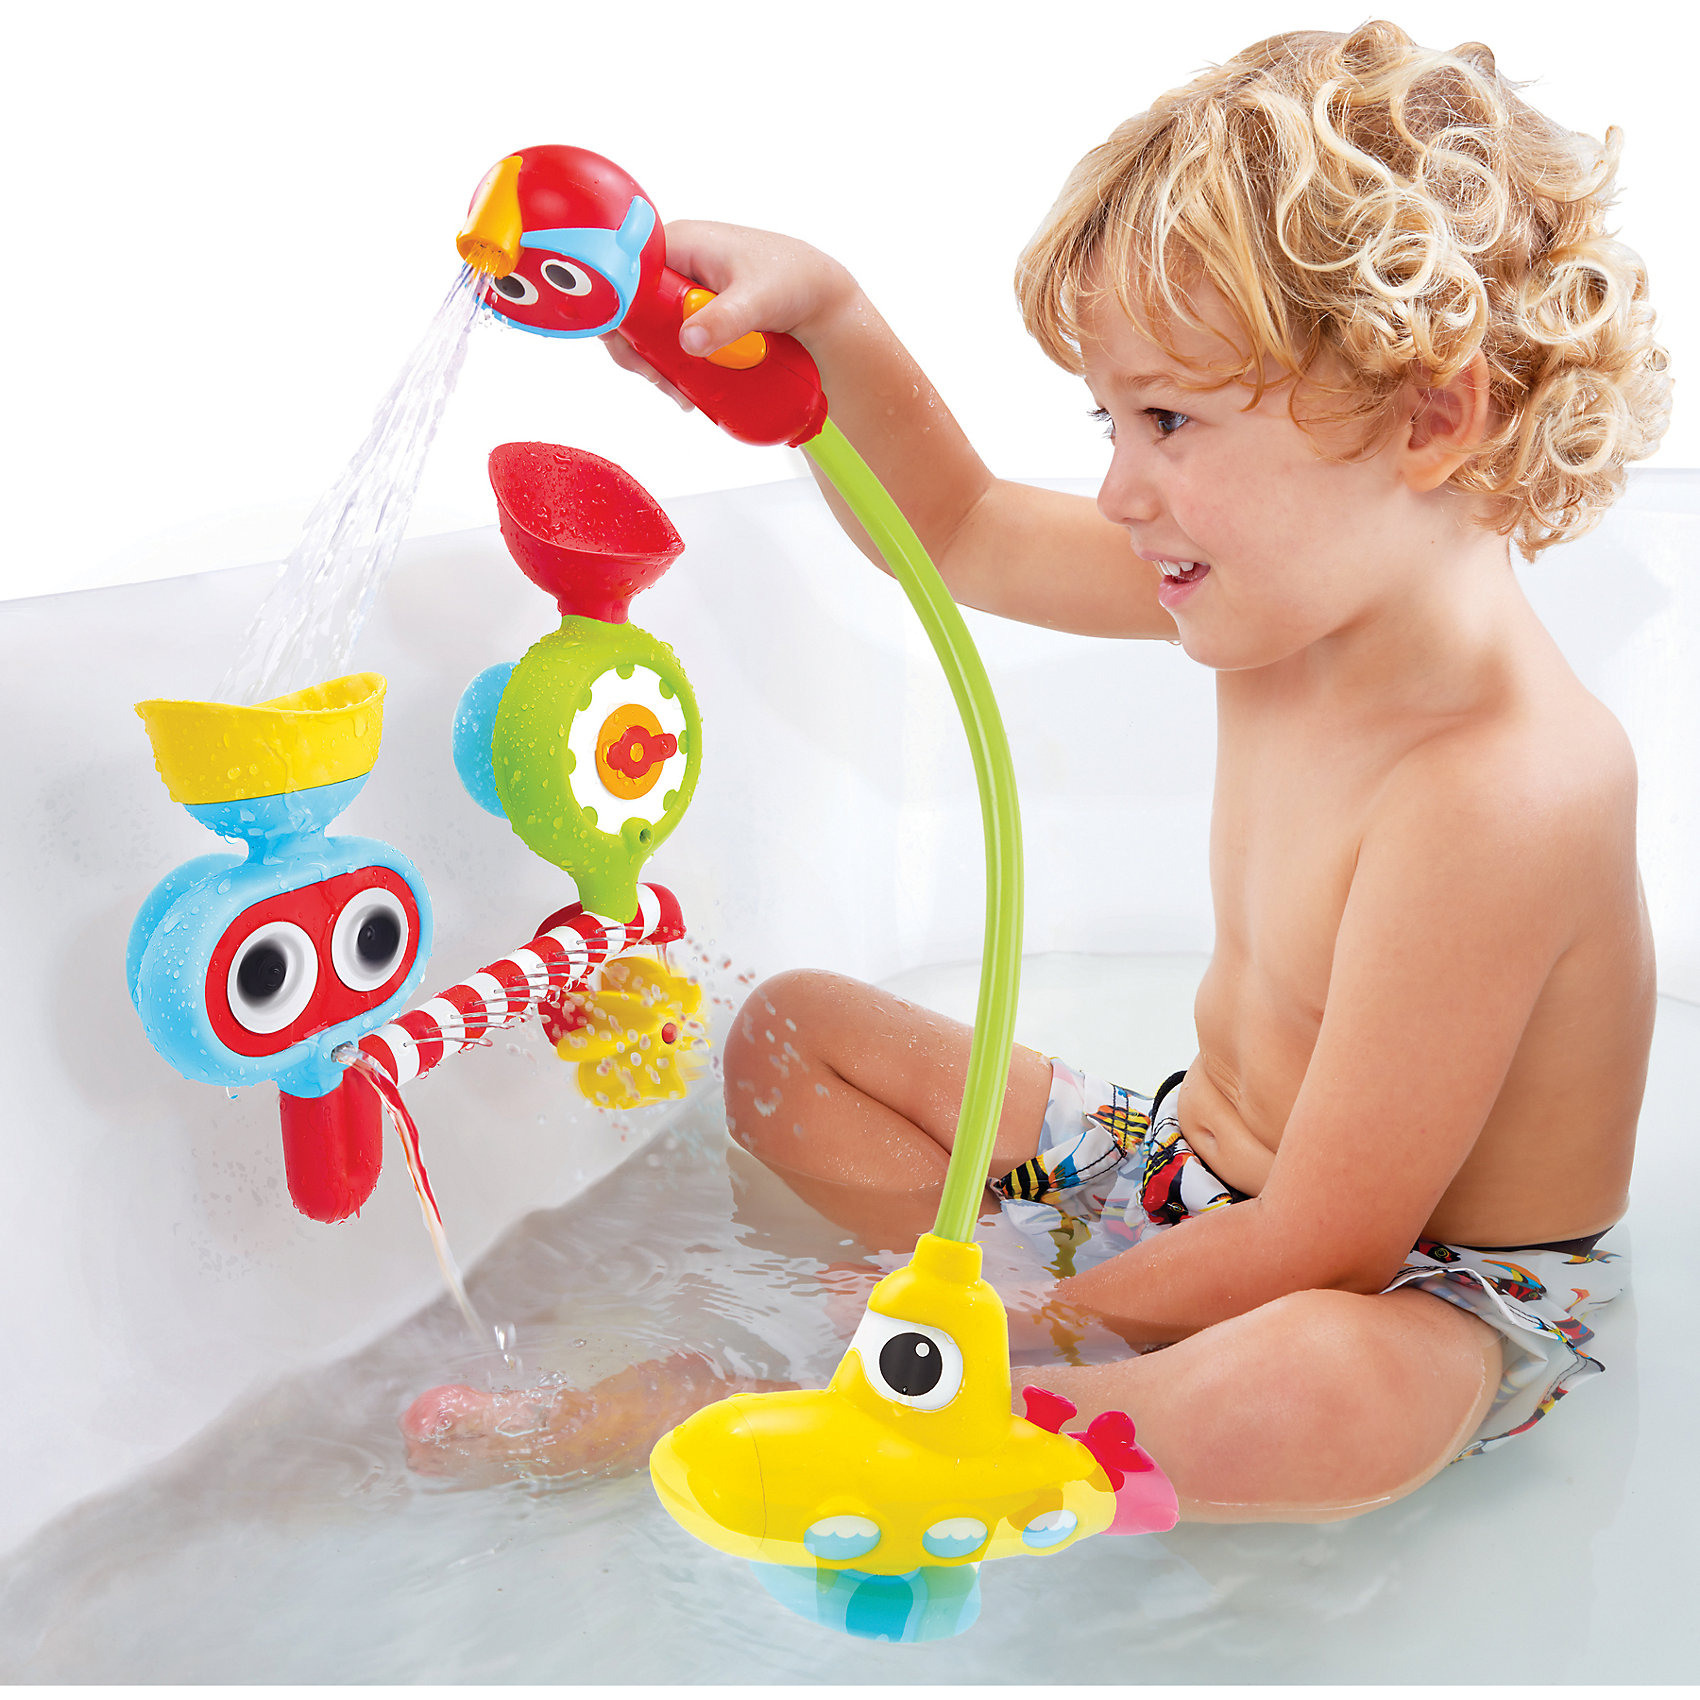 Подводная лодка Поливочная станция, YookidooИгровые наборы<br>Подводная лодка Поливочная станция, Yookidoo, позабавит и развлечет Вашего малыша во время купания. Красочная подводная лодка оснащена насосом, в нее можно набирать воду и через шланг заливать в любую из двух форм-воронок, которые закрепляются присосками на стенке ванны. Мини-душ на конце шланга выполнен в виде забавной фигурки и имеет форму, удобную для детских ручек. Выпустить воду из душа можно одним движением, нужно лишь сдавить кнопки на ручке. Наливая воду в воронки малыш увидит забавные эффекты: в воронке в форме часов вода раскручивает пропеллер и стрелку на корпусе, через другую вода попадает в полосатую трубу и вытекает через множество мелких отверстий. При этом глаза на воронке вращаются. Игрушка способствует развитию логического мышления, зрительного и тактильного восприятия, координации движений и мелкой моторики. <br><br>Дополнительная информация:<br><br>- В комплекте: подводная лодка со шлангом и мини-душем, поливочная станция на присосках.<br>- Материал: пластик.<br>- Требуются батарейки: 4 х АА (в комплект не входят).<br>- Размер поливочной станции: 20,5 х 23 х 7 см.<br>- Размер лодки: 15 х 11 х 6,5 см.<br>- Размер упаковки: 28 х 9 х 39 см.<br>- Вес: 0,83 кг.<br><br>Подводную лодку Поливочная станция, Yookidoo, можно купить в нашем интернет-магазине.<br><br>Ширина мм: 28<br>Глубина мм: 39<br>Высота мм: 9<br>Вес г: 830<br>Возраст от месяцев: 24<br>Возраст до месяцев: 36<br>Пол: Унисекс<br>Возраст: Детский<br>SKU: 4244273